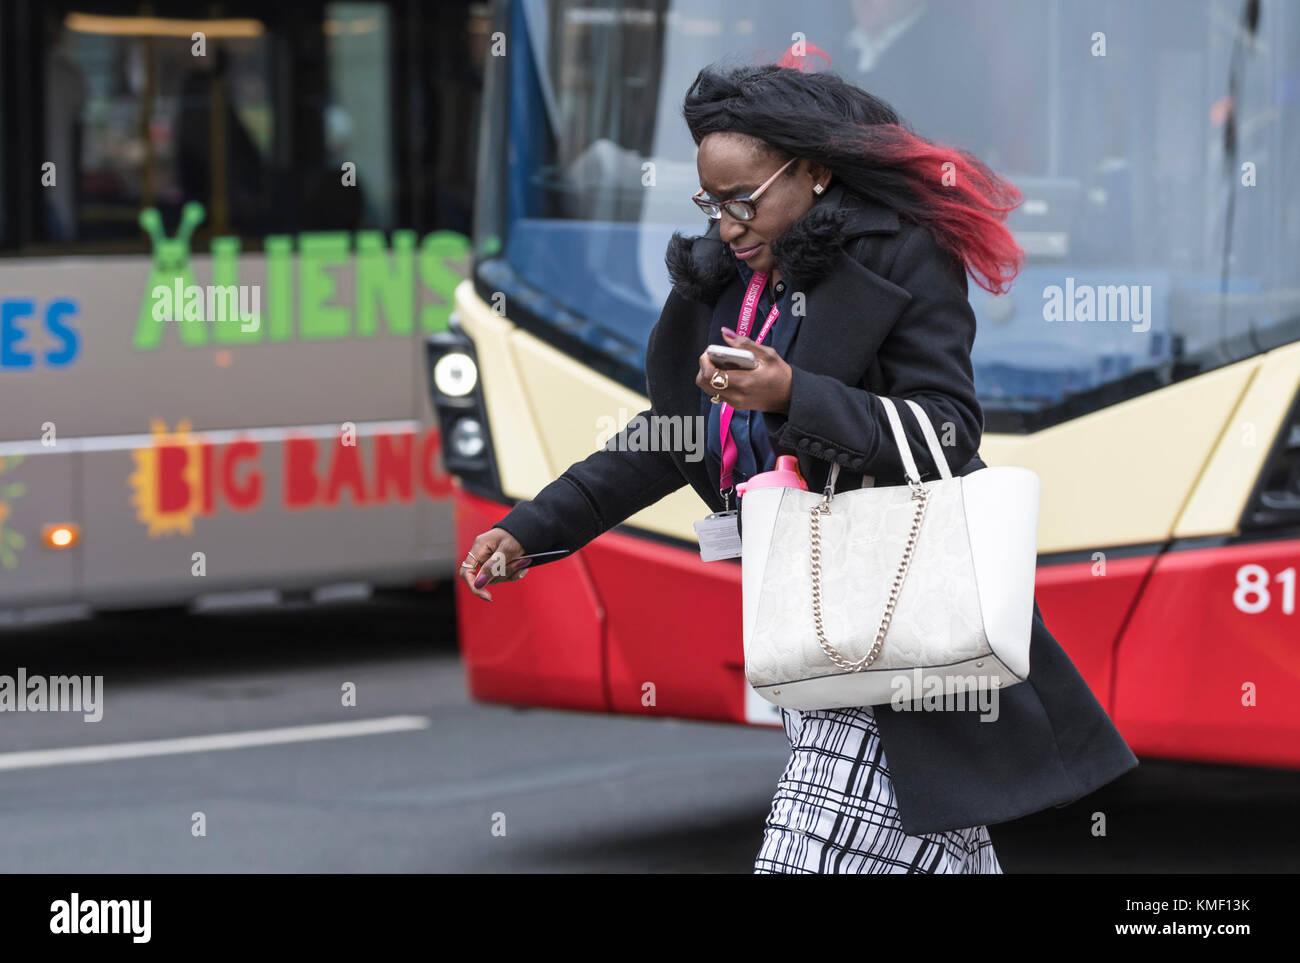 Schwarze Frau elegant gekleidet, die eine schicke Handtasche, schnell gehen mit Zuversicht in das VEREINIGTE KÖNIGREICH. Stockbild